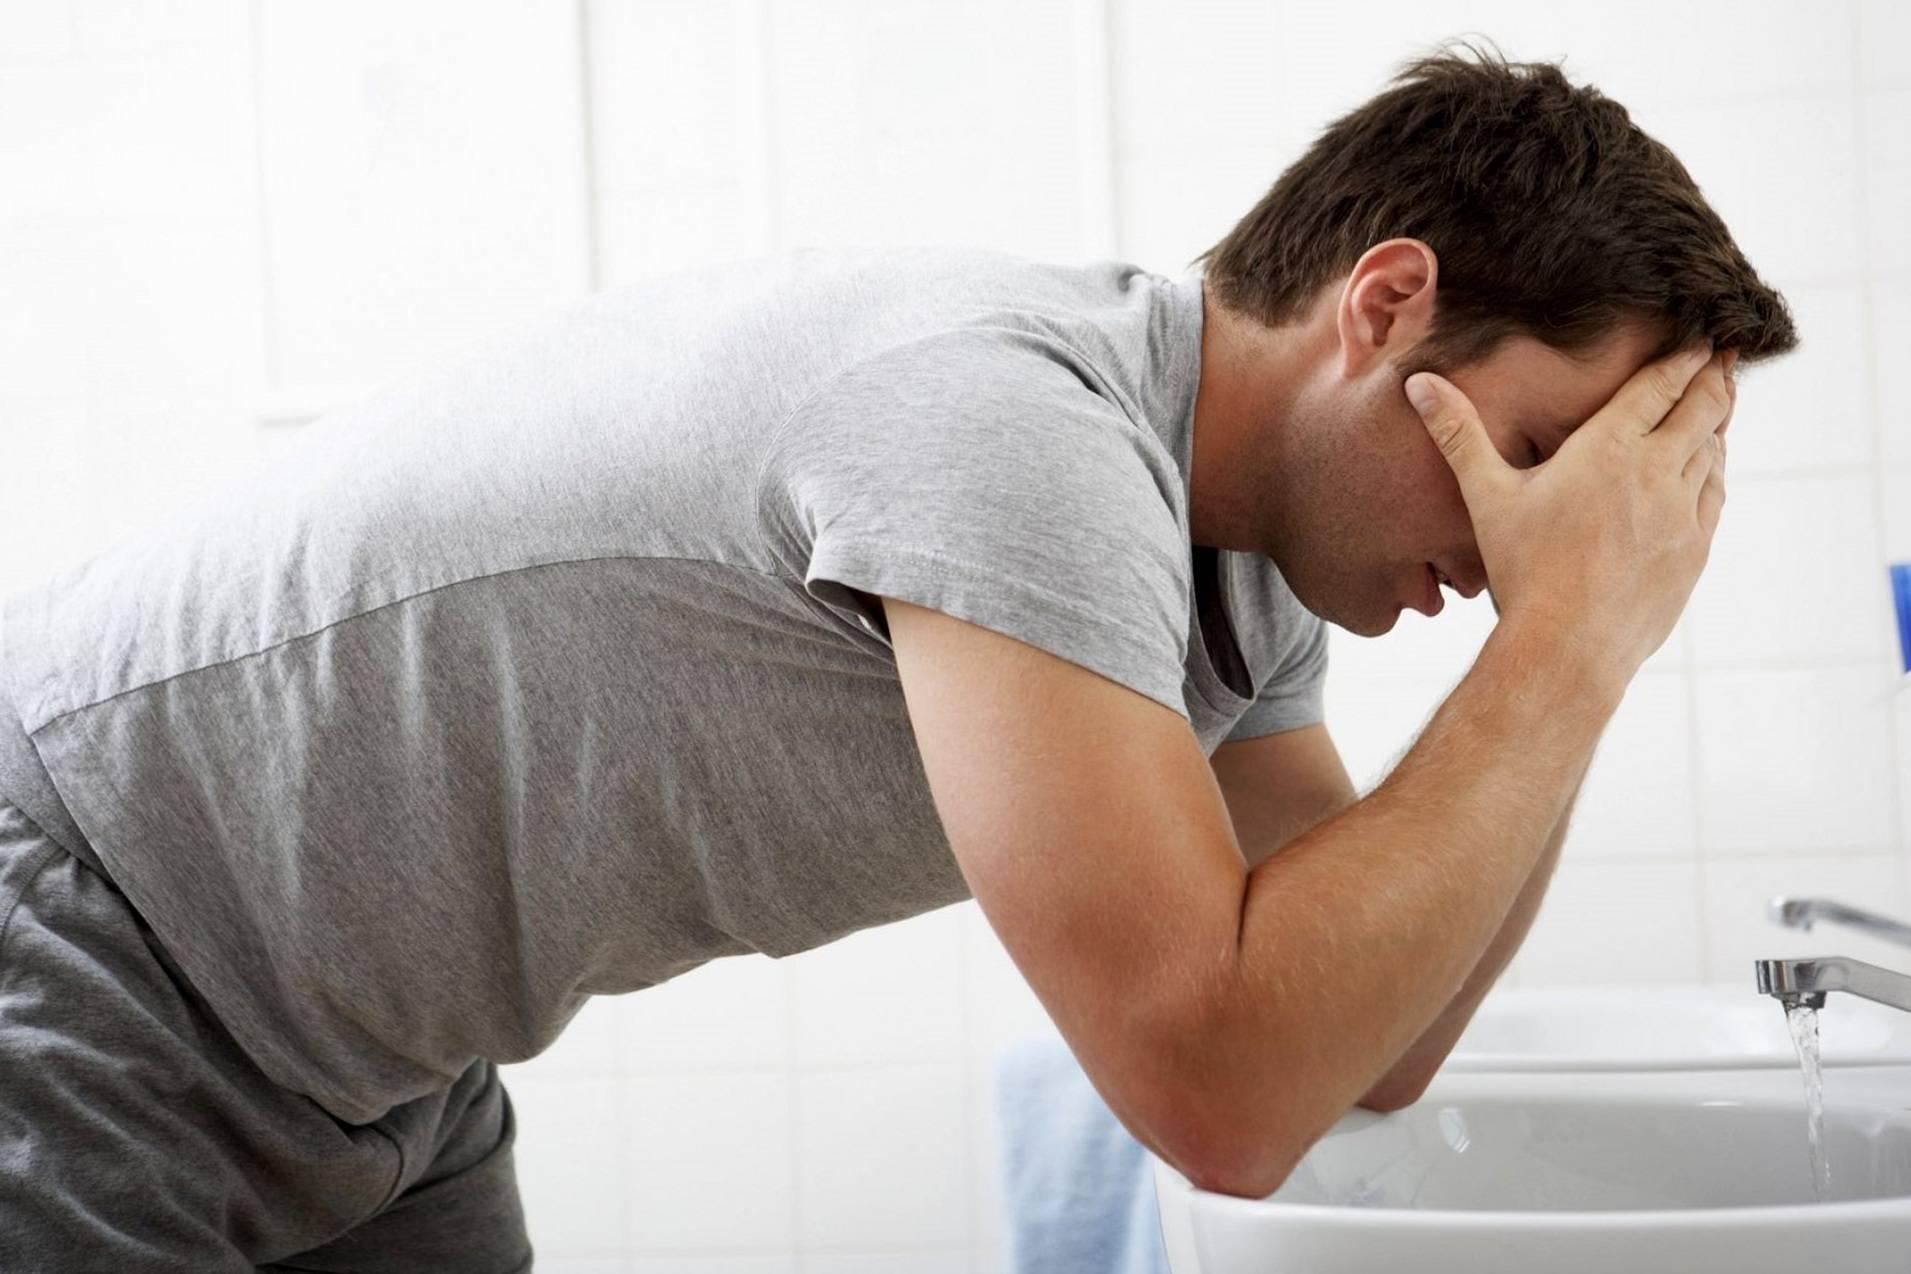 Дапоксетин и алкоголь: совместимость, через сколько можно, последствия - вредные привычки